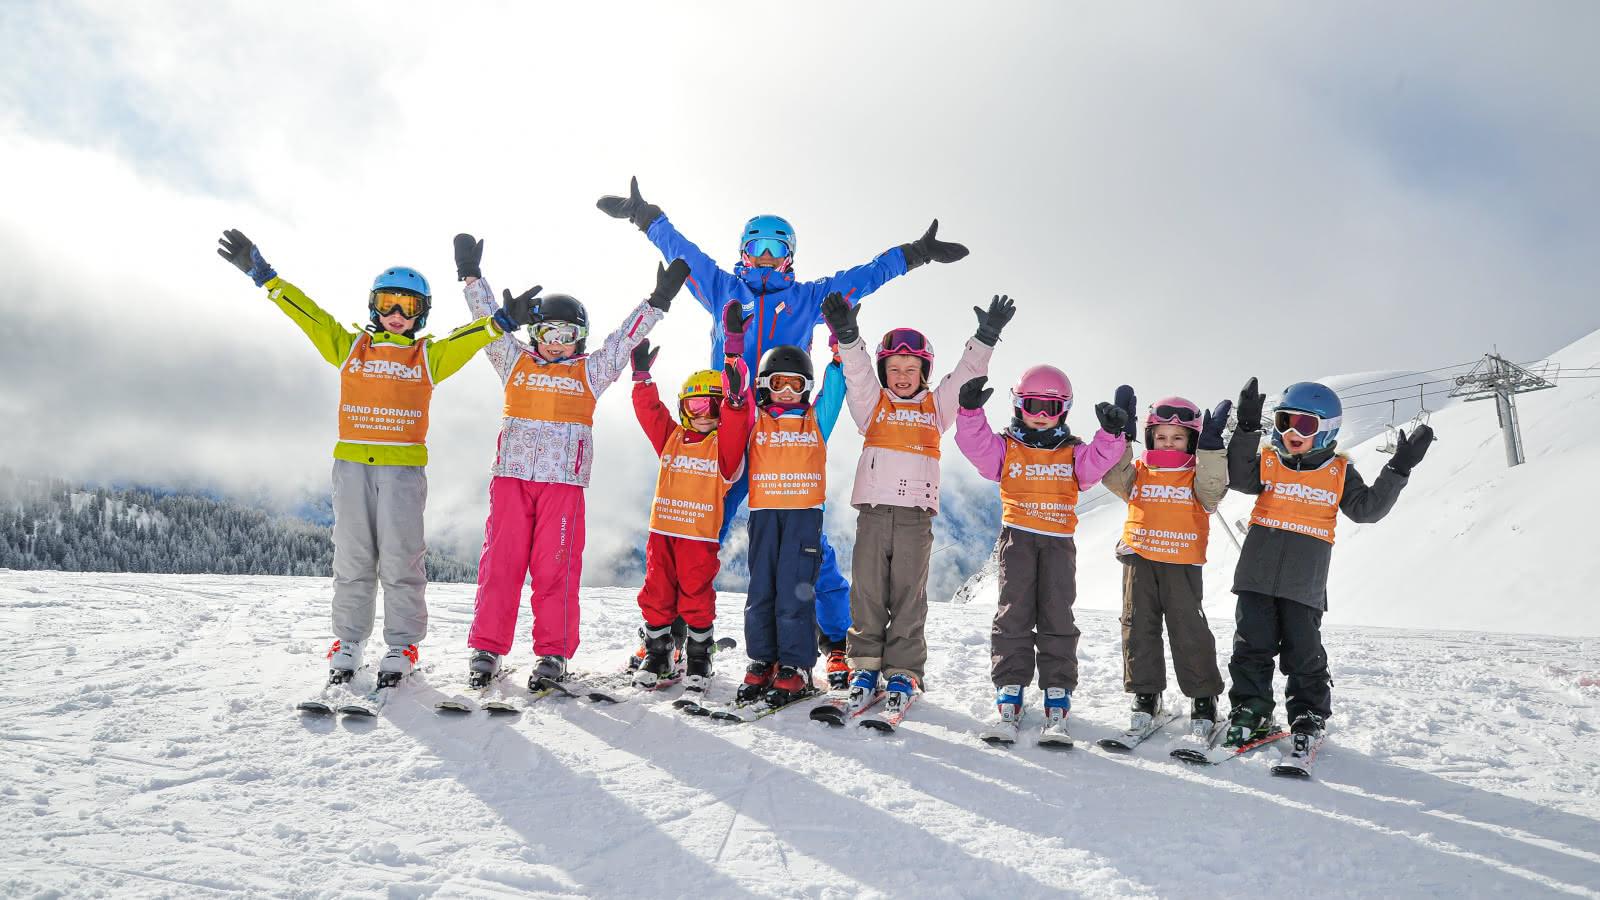 Les cours collectifs enfants sont organisés autour de jeux et d'activités ludiques pour que les enfants apprennent en s'amusant.